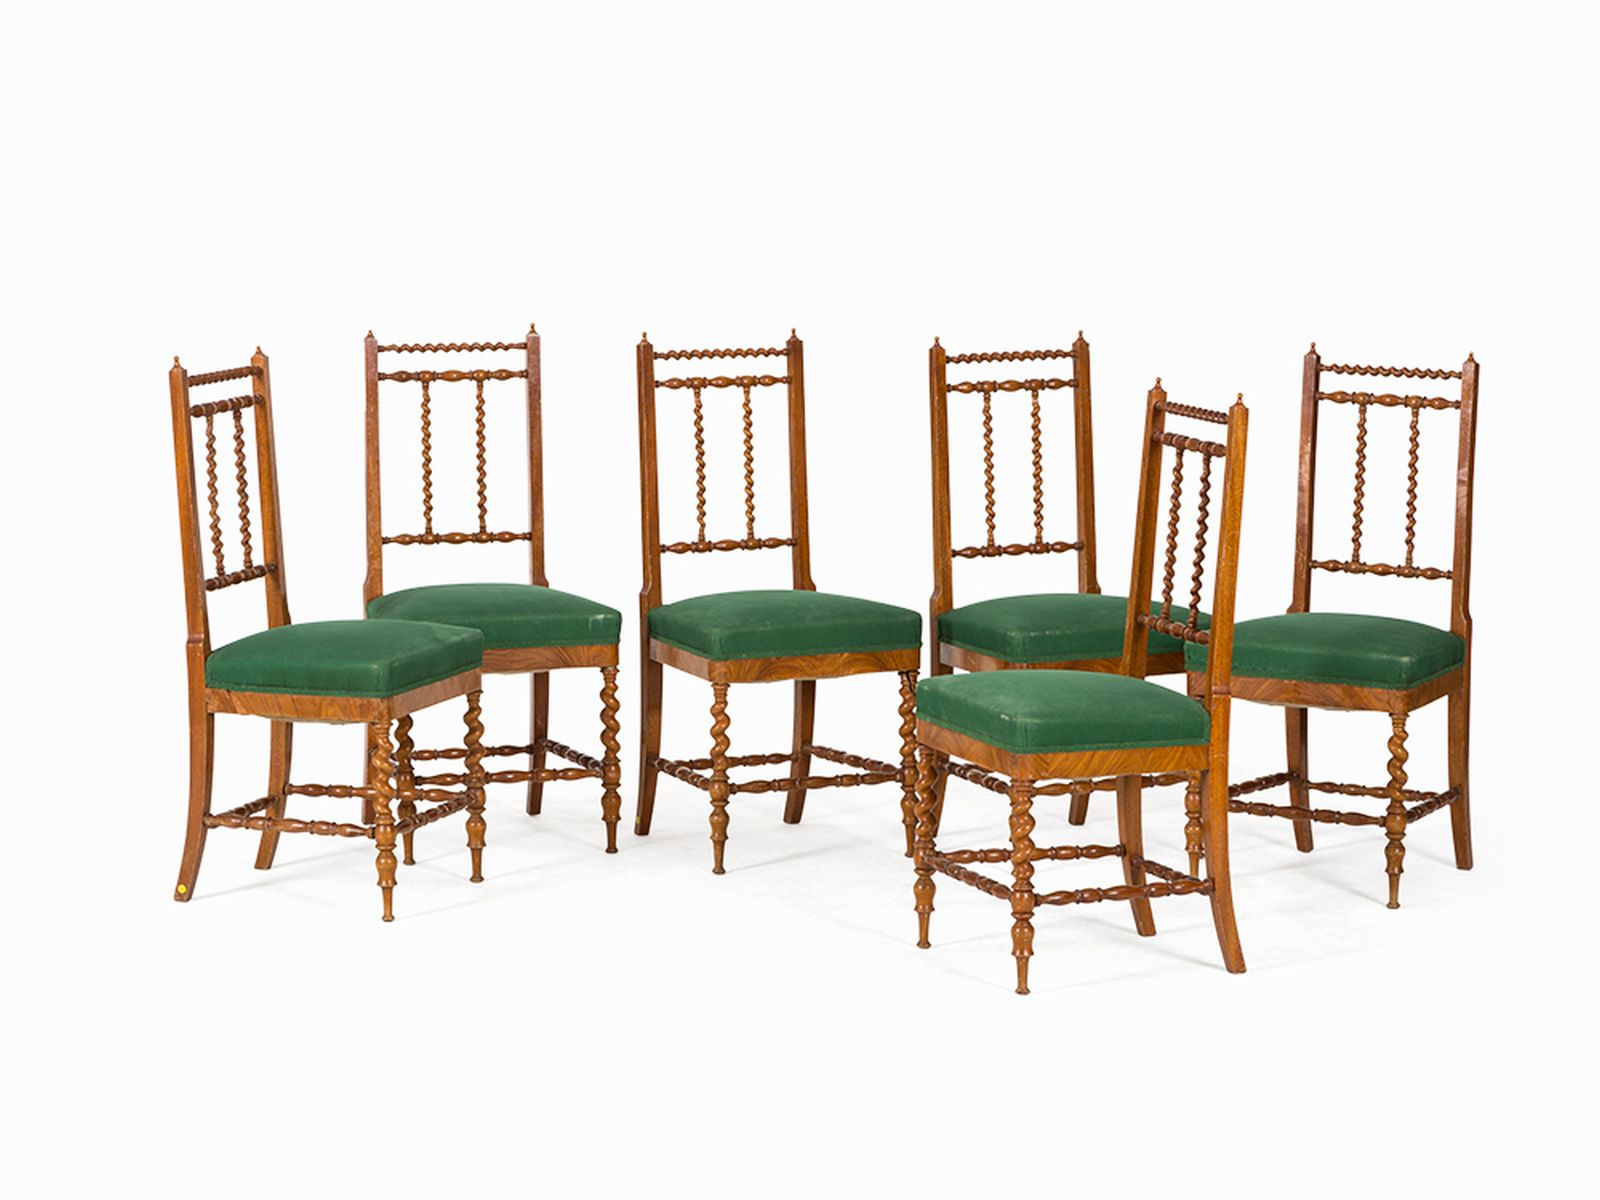 #167 Set of 6 Chairs, Italy, Mid 19th C. | Satz von 6 Stühlen, Italien, Mitte 19. Jh. Image